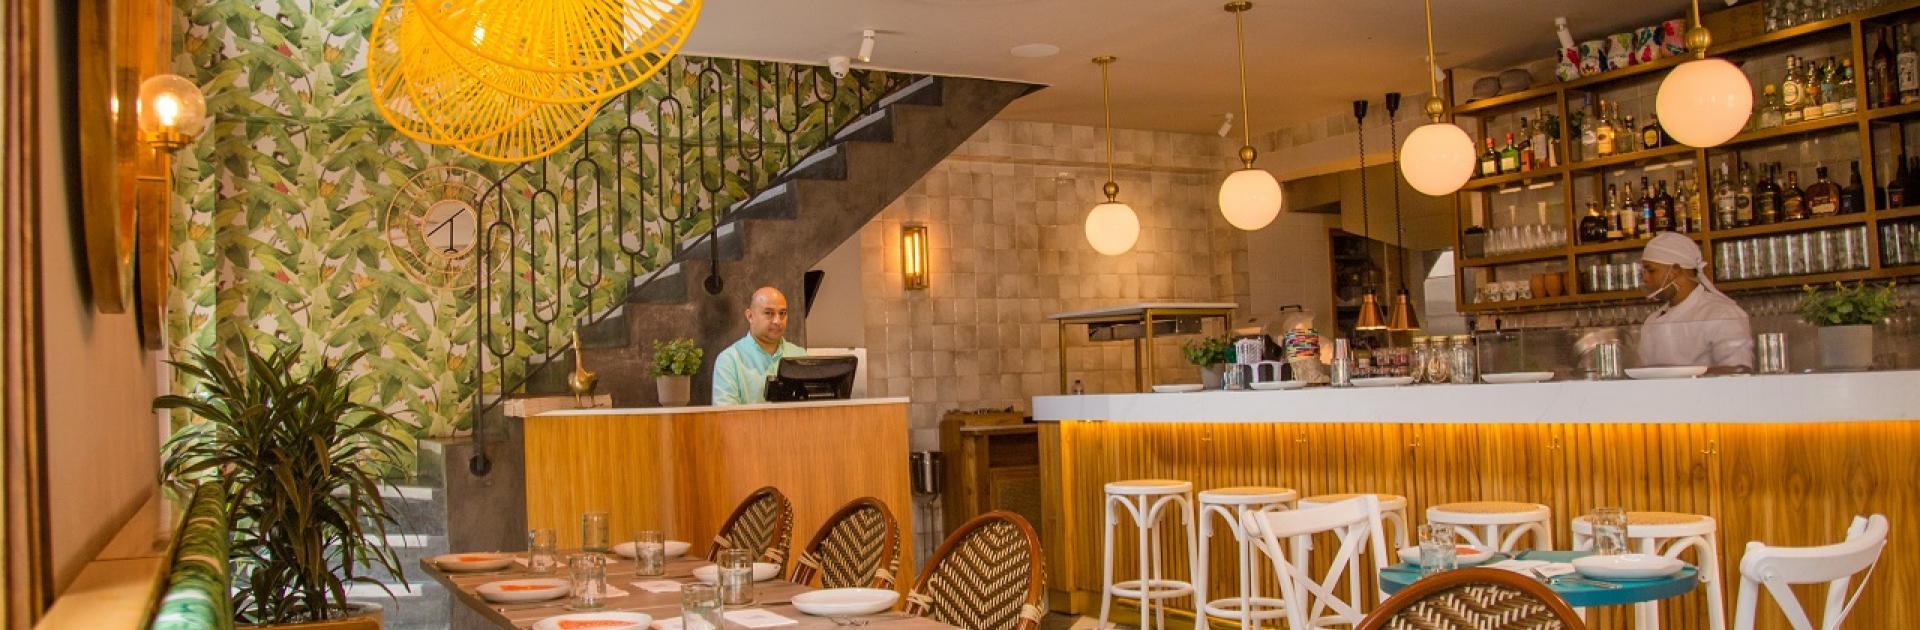 Buena Vida Marisquería y rooftop en Cartagena de Indias, participante de Dónde Restaurant Week Cartagena 2019